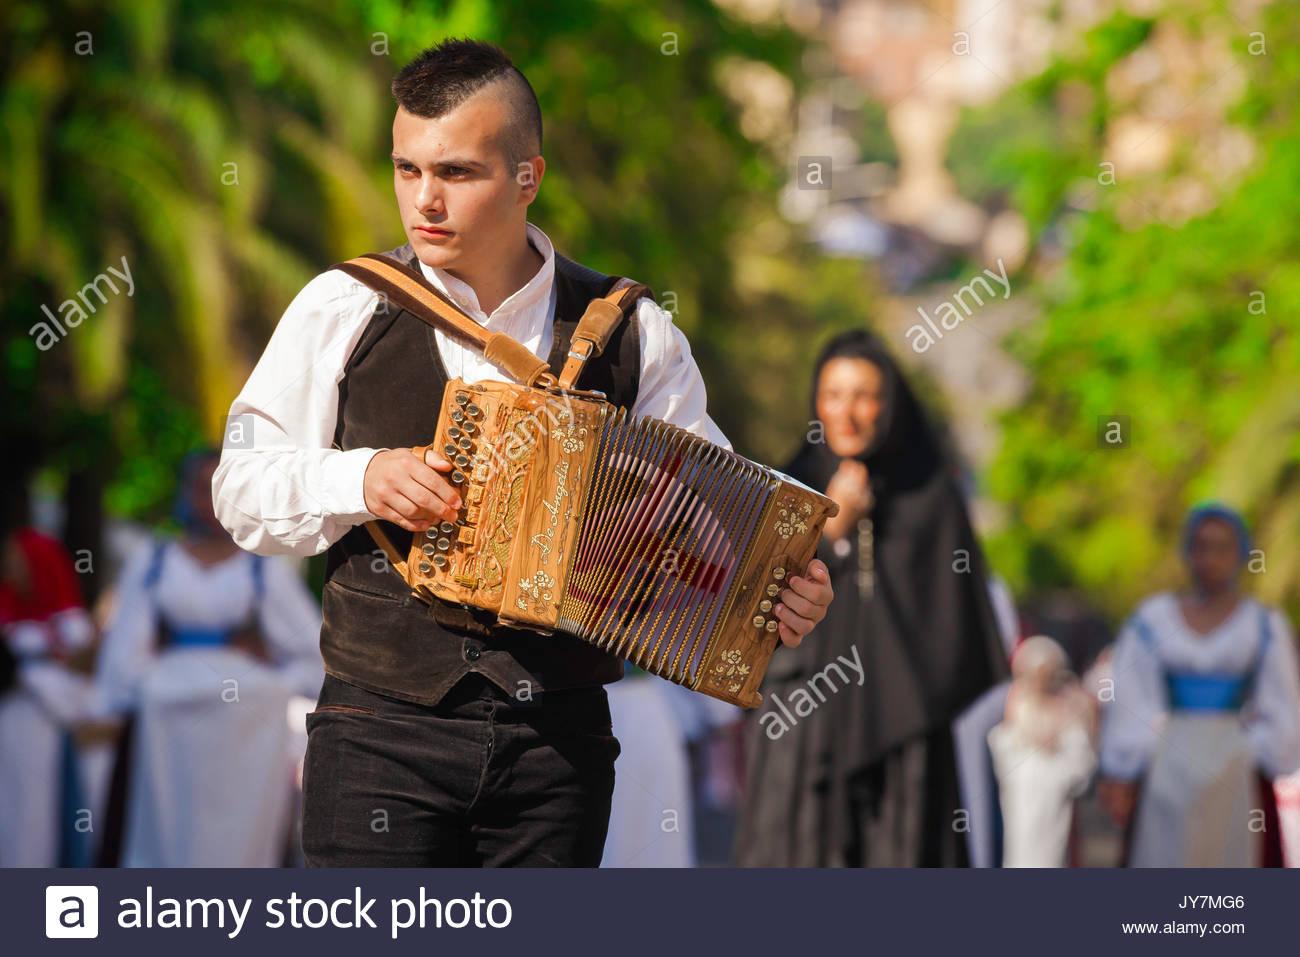 Cavalcata Sassari, Porträt einer jungen Akkordeonisten spielen in der großen Prozession der La Cavalcata Festival in Sassari, Sardinien. Stockbild